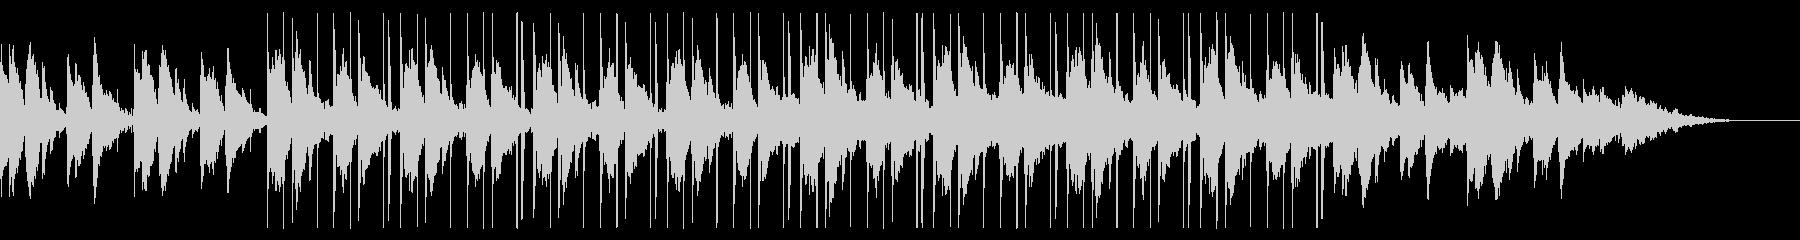 静かなギターのチル・ヒップホップの未再生の波形